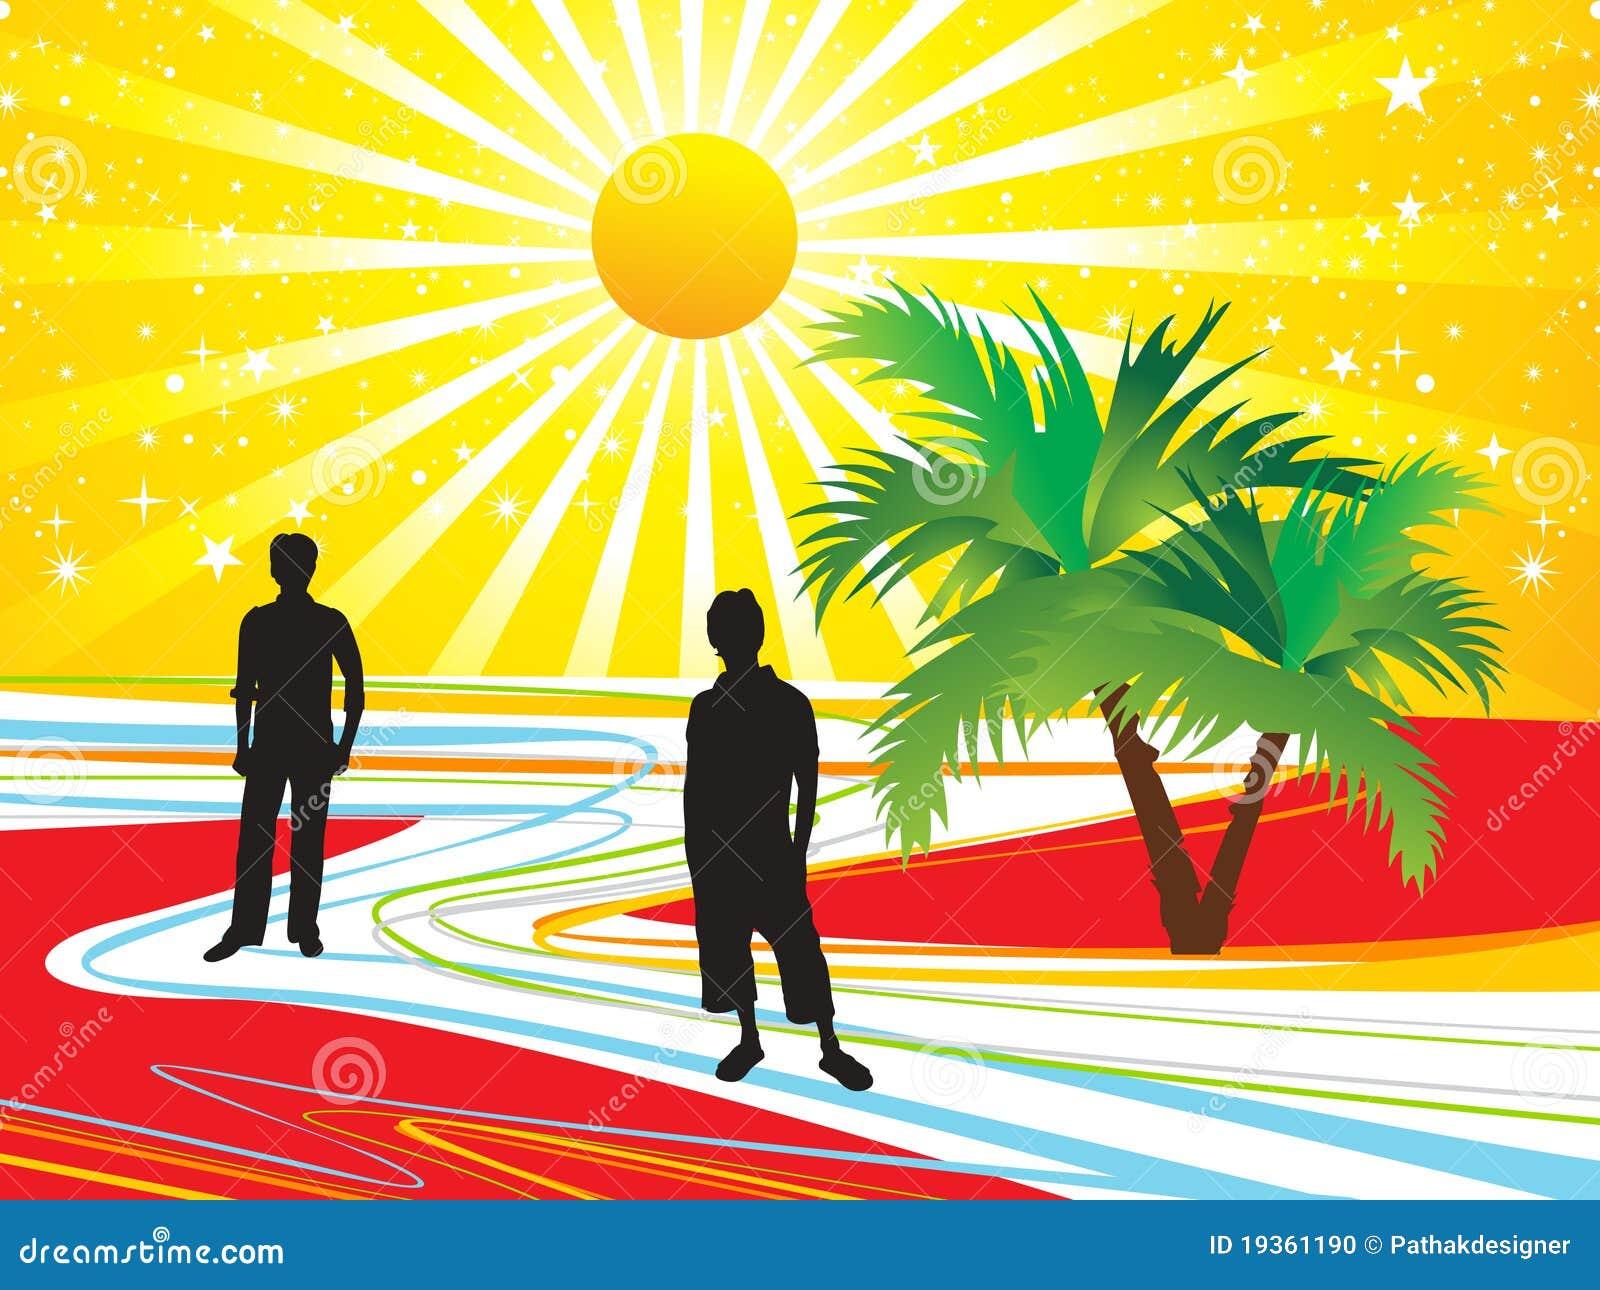 Fundo abstrato das férias de verão com silhueta